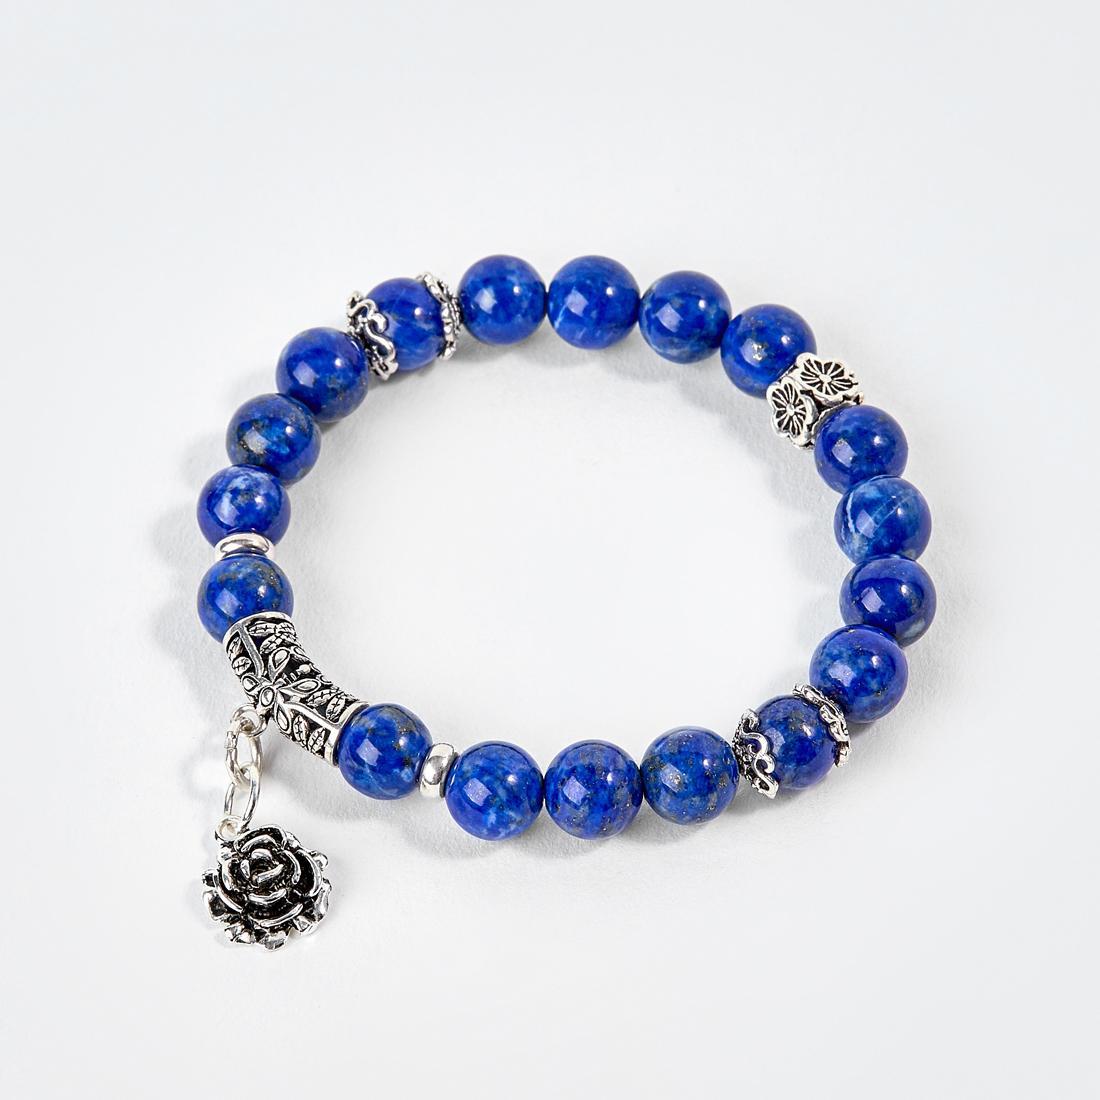 Vòng Tay Đá Lapis Lazuli Phối Charm Hoa Hồng Bạc